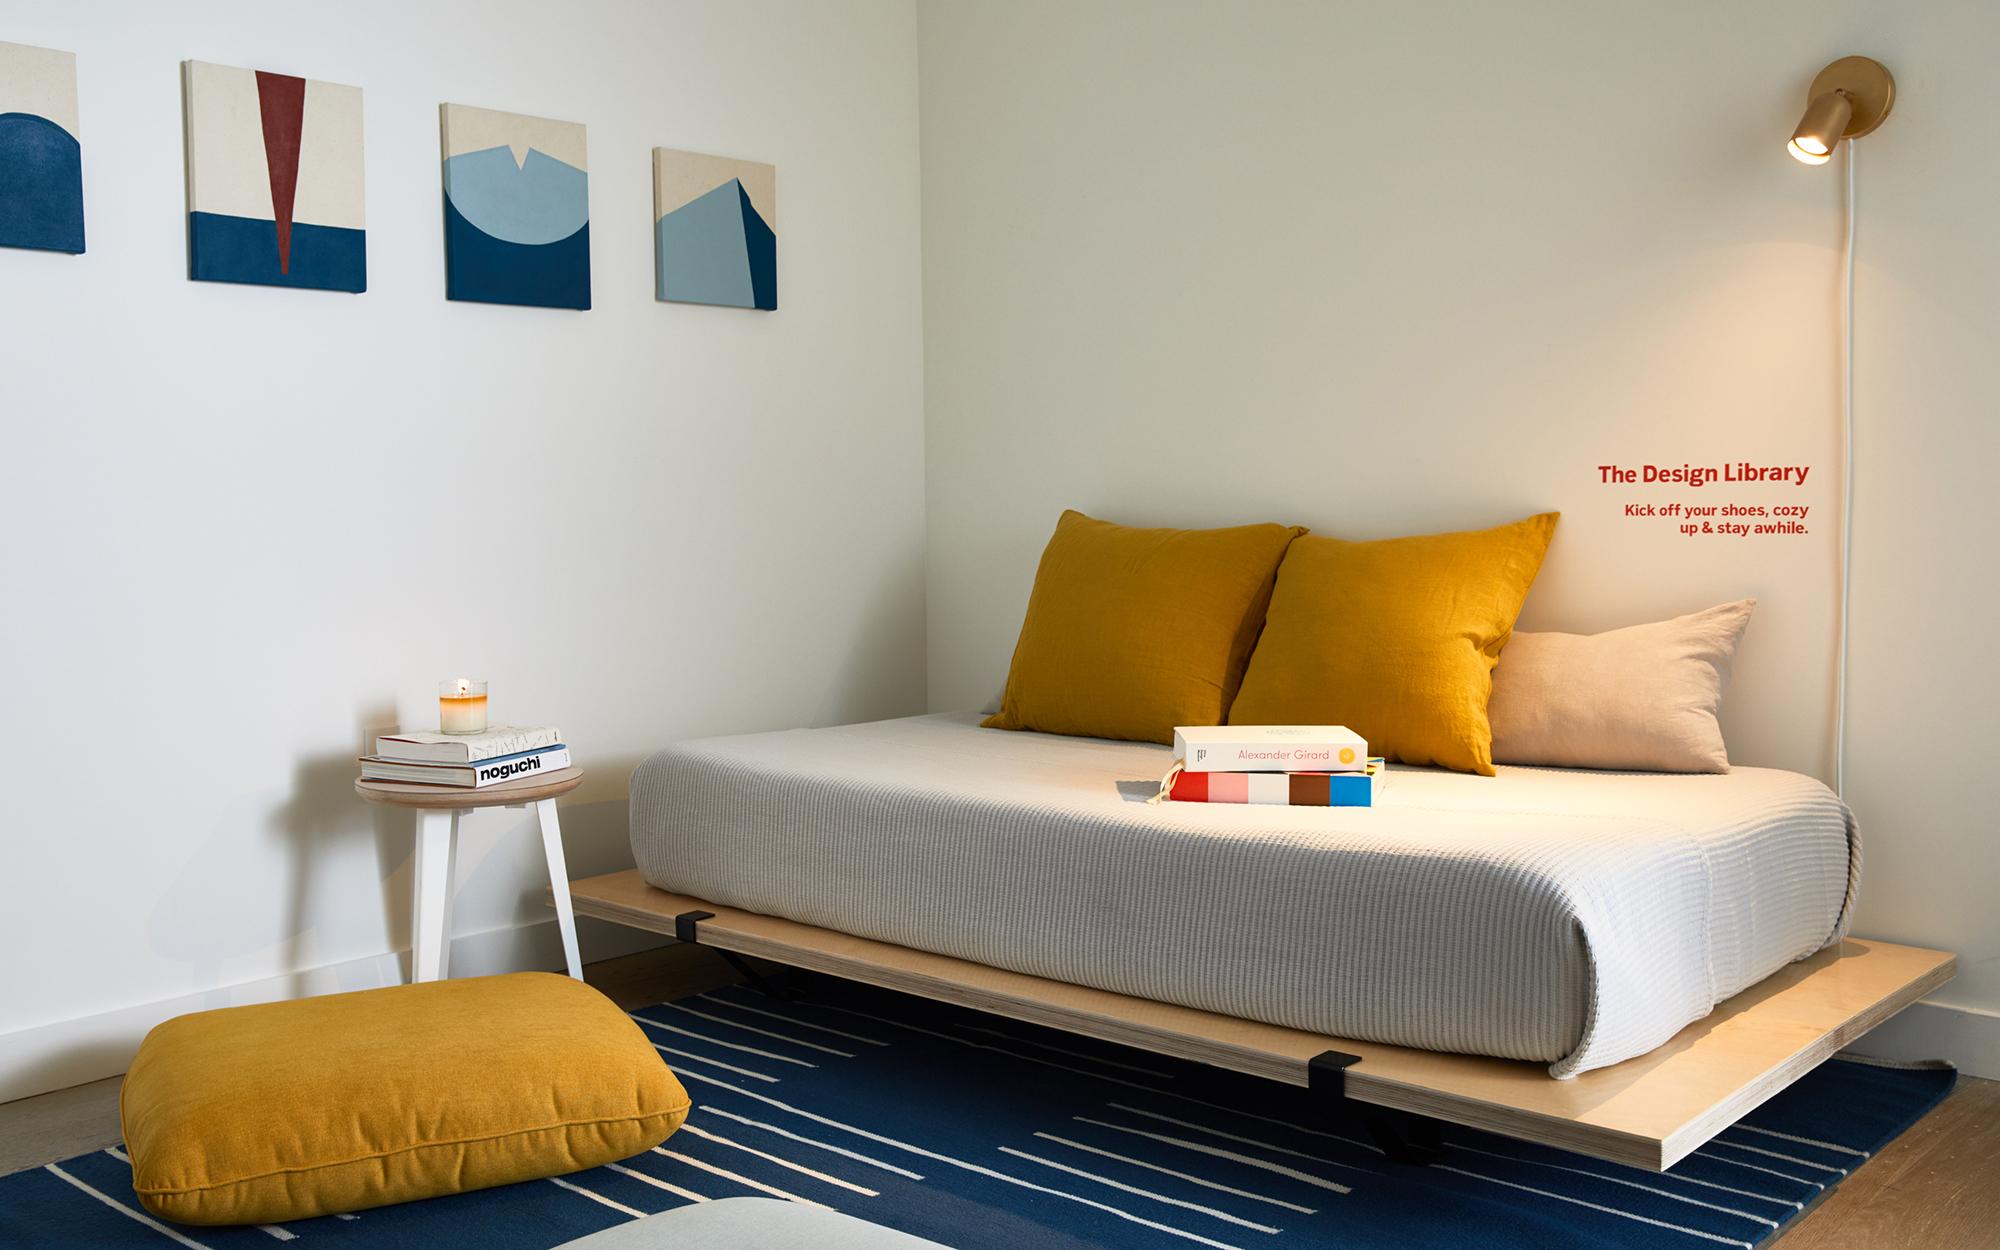 StephanieTam_Floyd-Housewarming-NYC_DesignLibrary.jpg